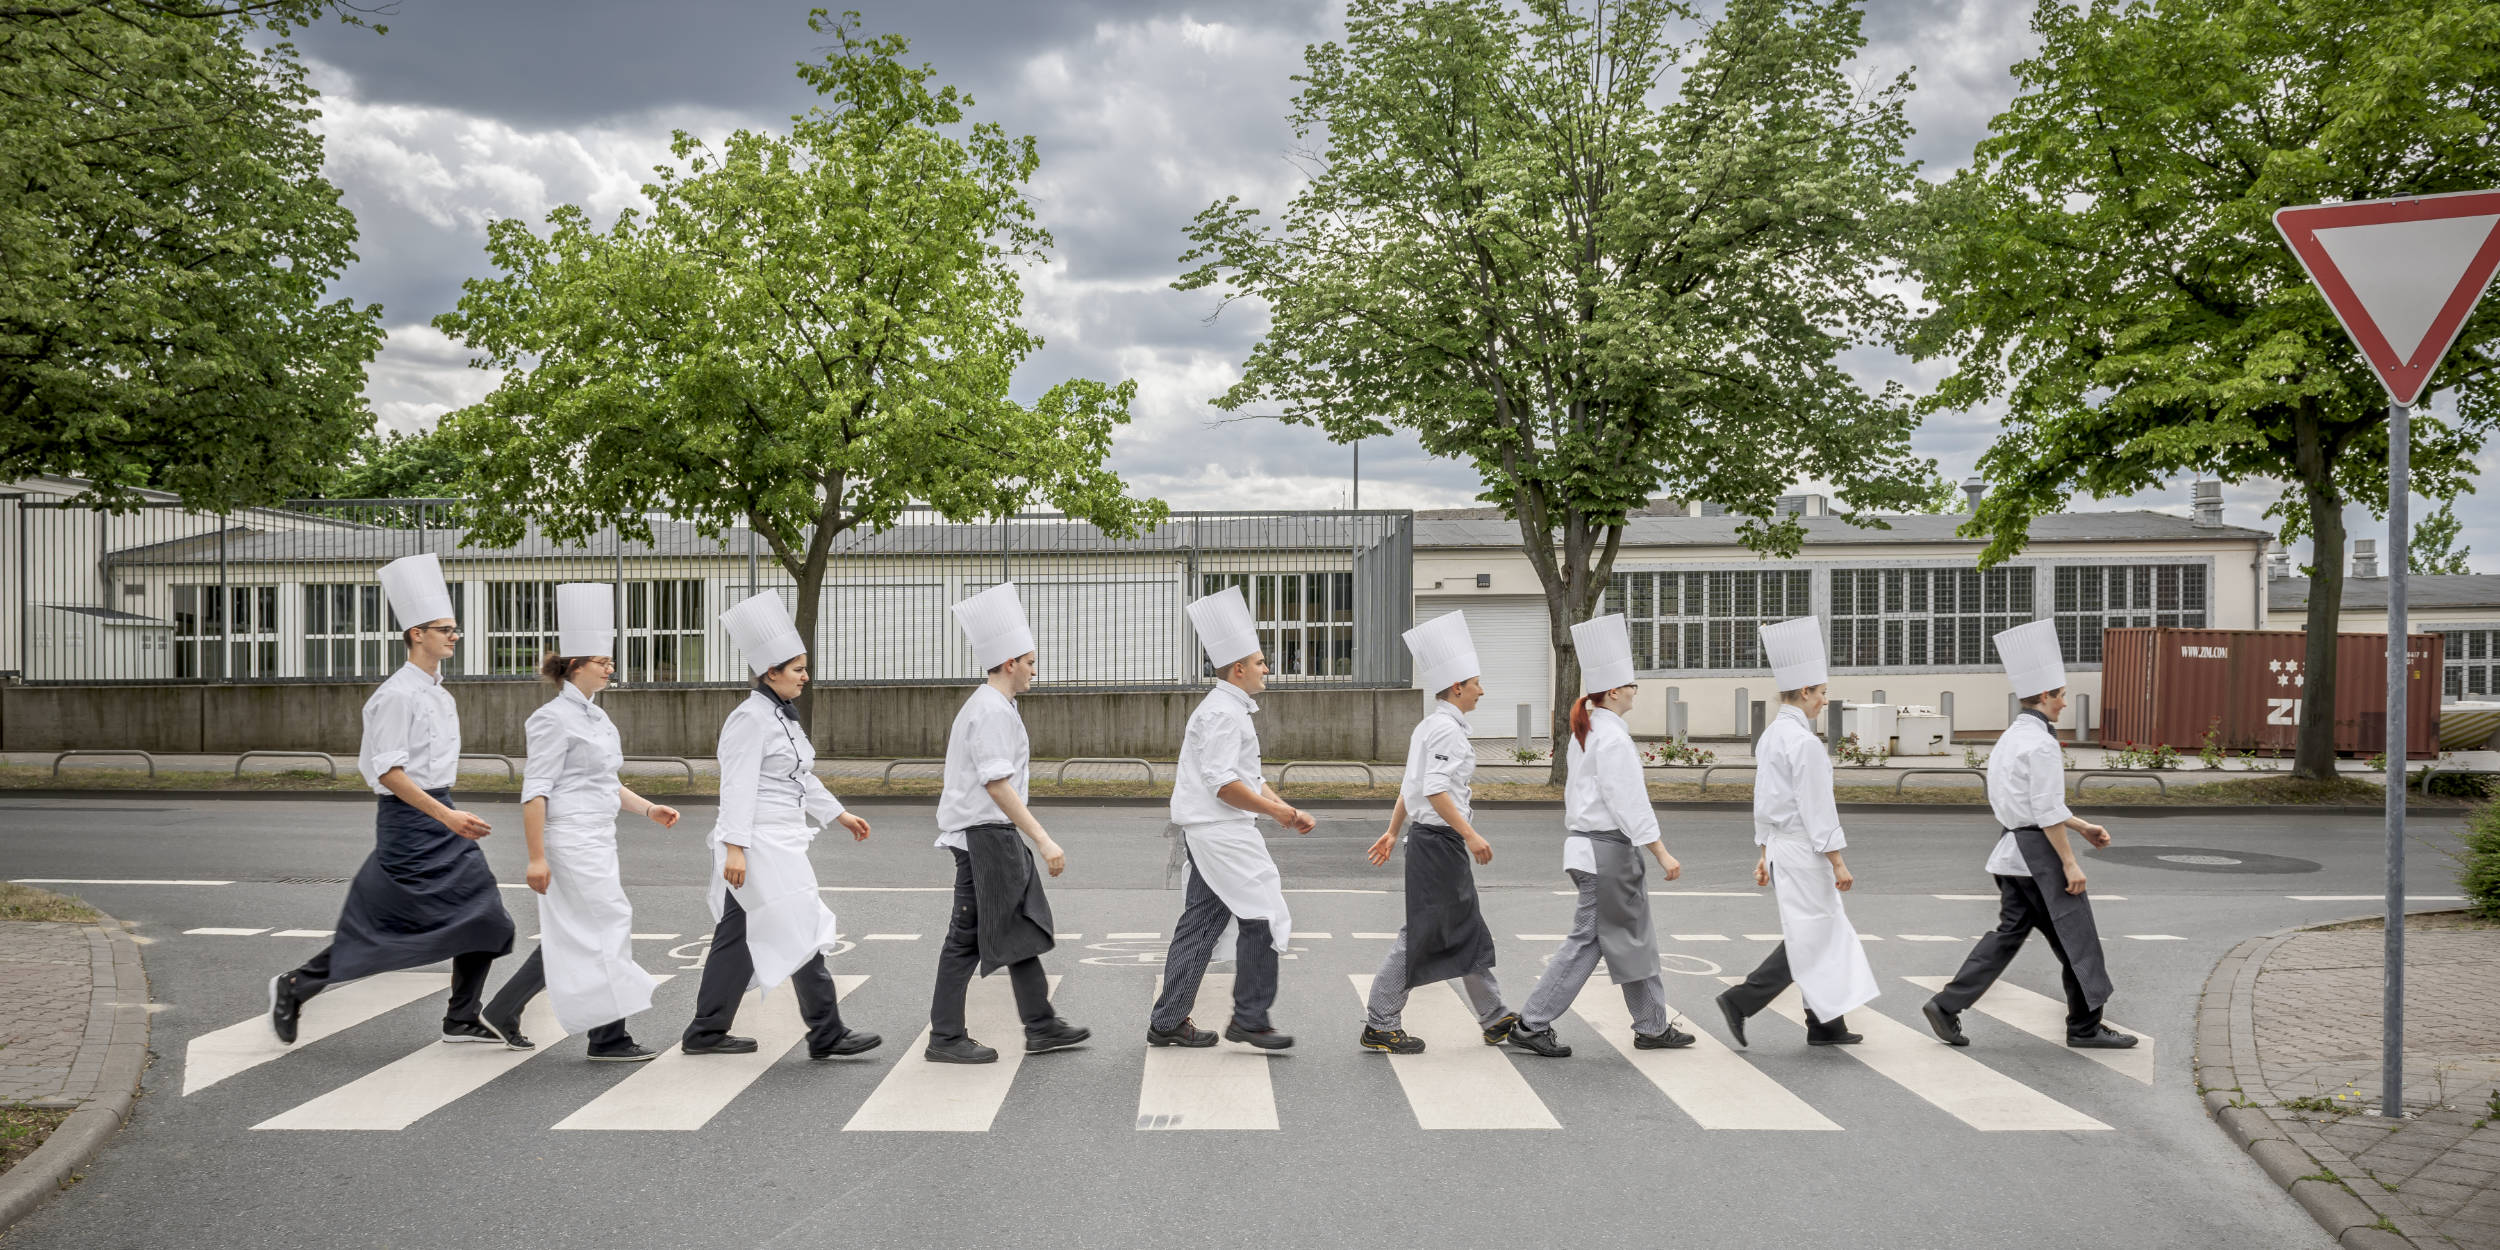 Eventfotografie Stuttgart Umgebung und Deutschland weit Rudolf Achenbach Preis Frankfurt Europas renommiertester Köche Nachwuchspreis Frankfurt